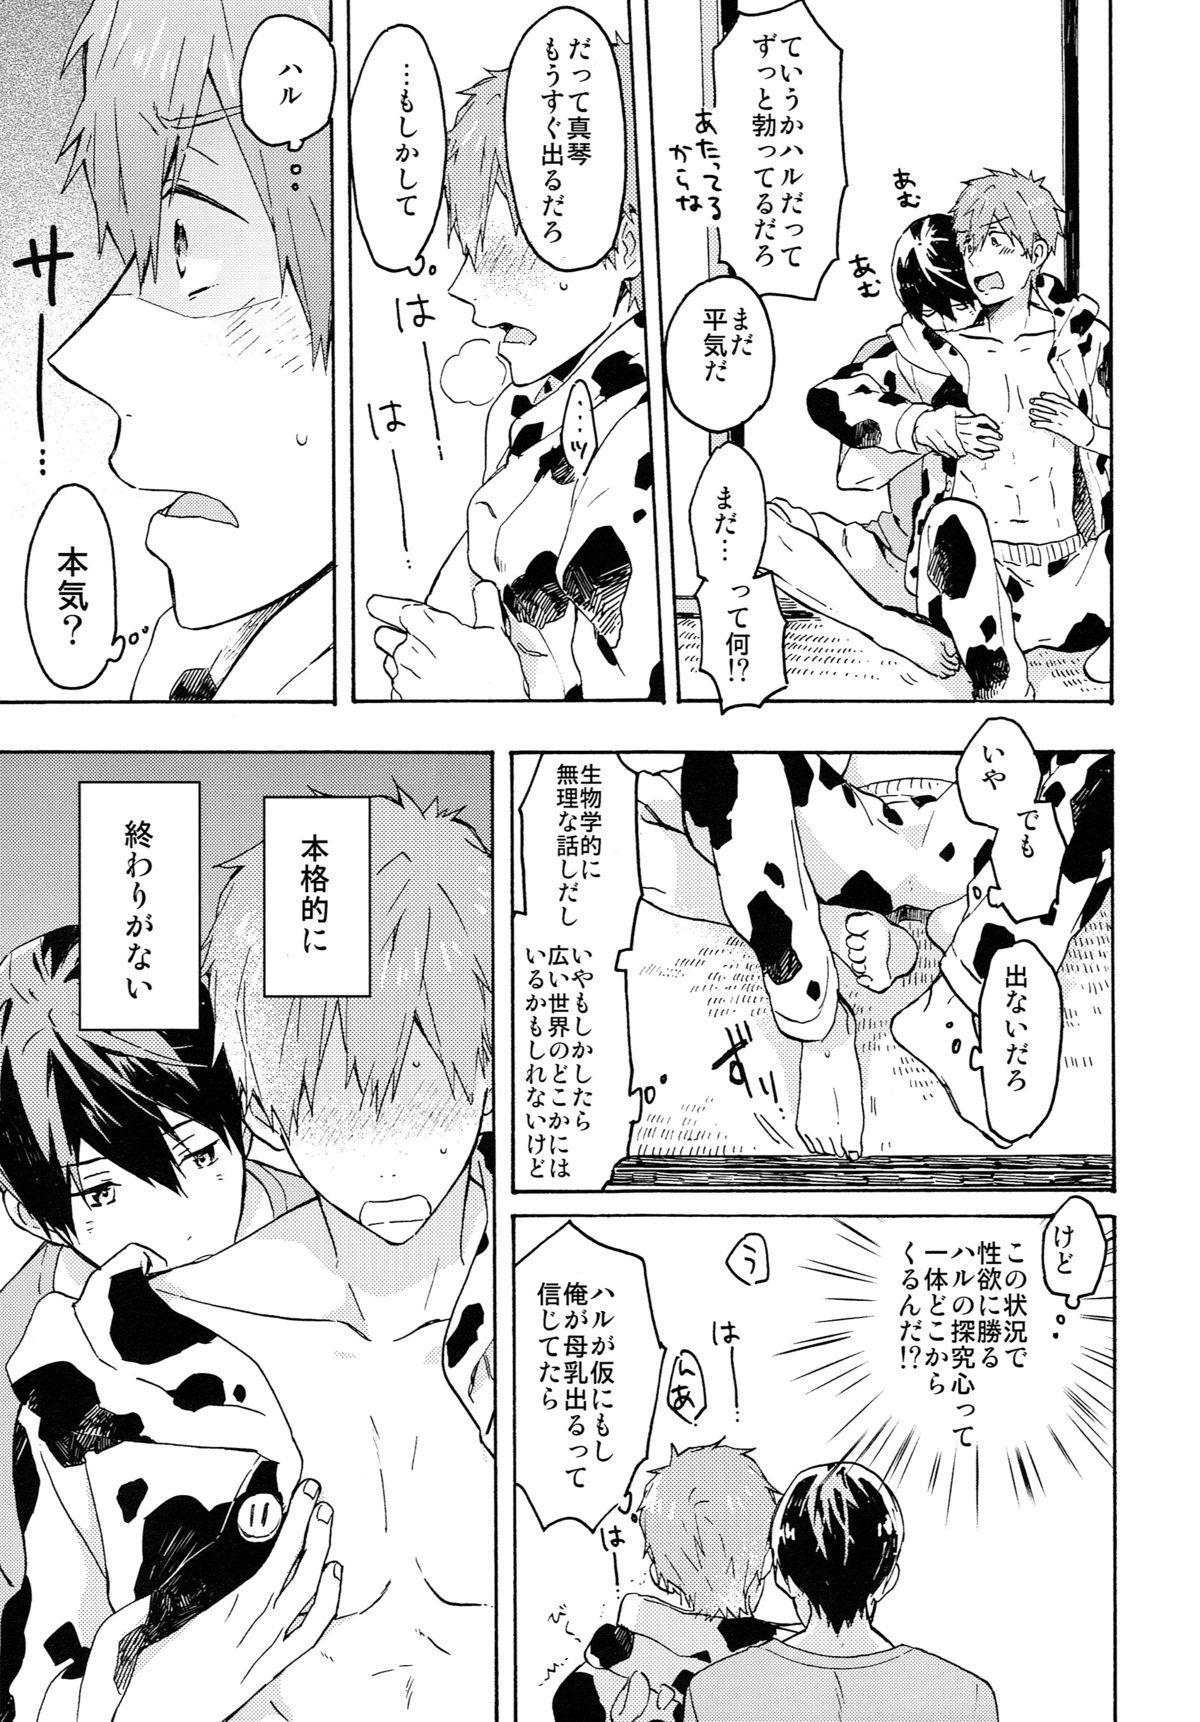 Nanase-kun no Tankyuushin 13